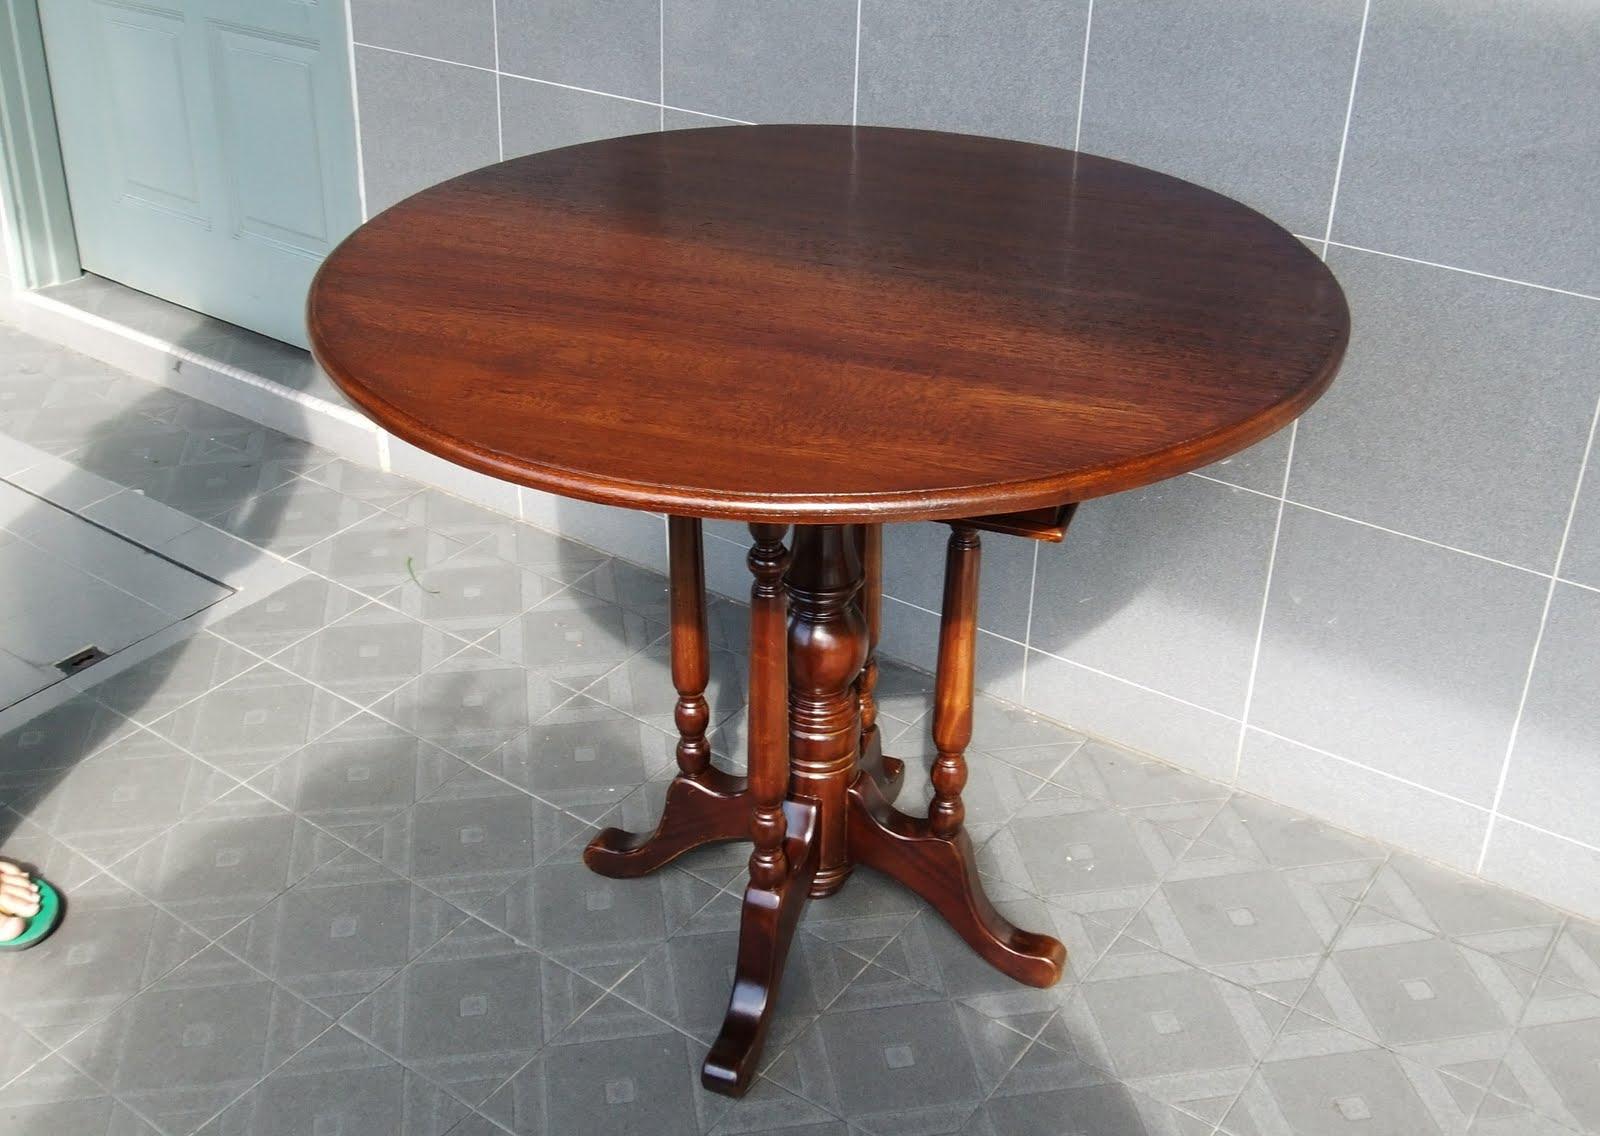 A round wooden top kopitiam